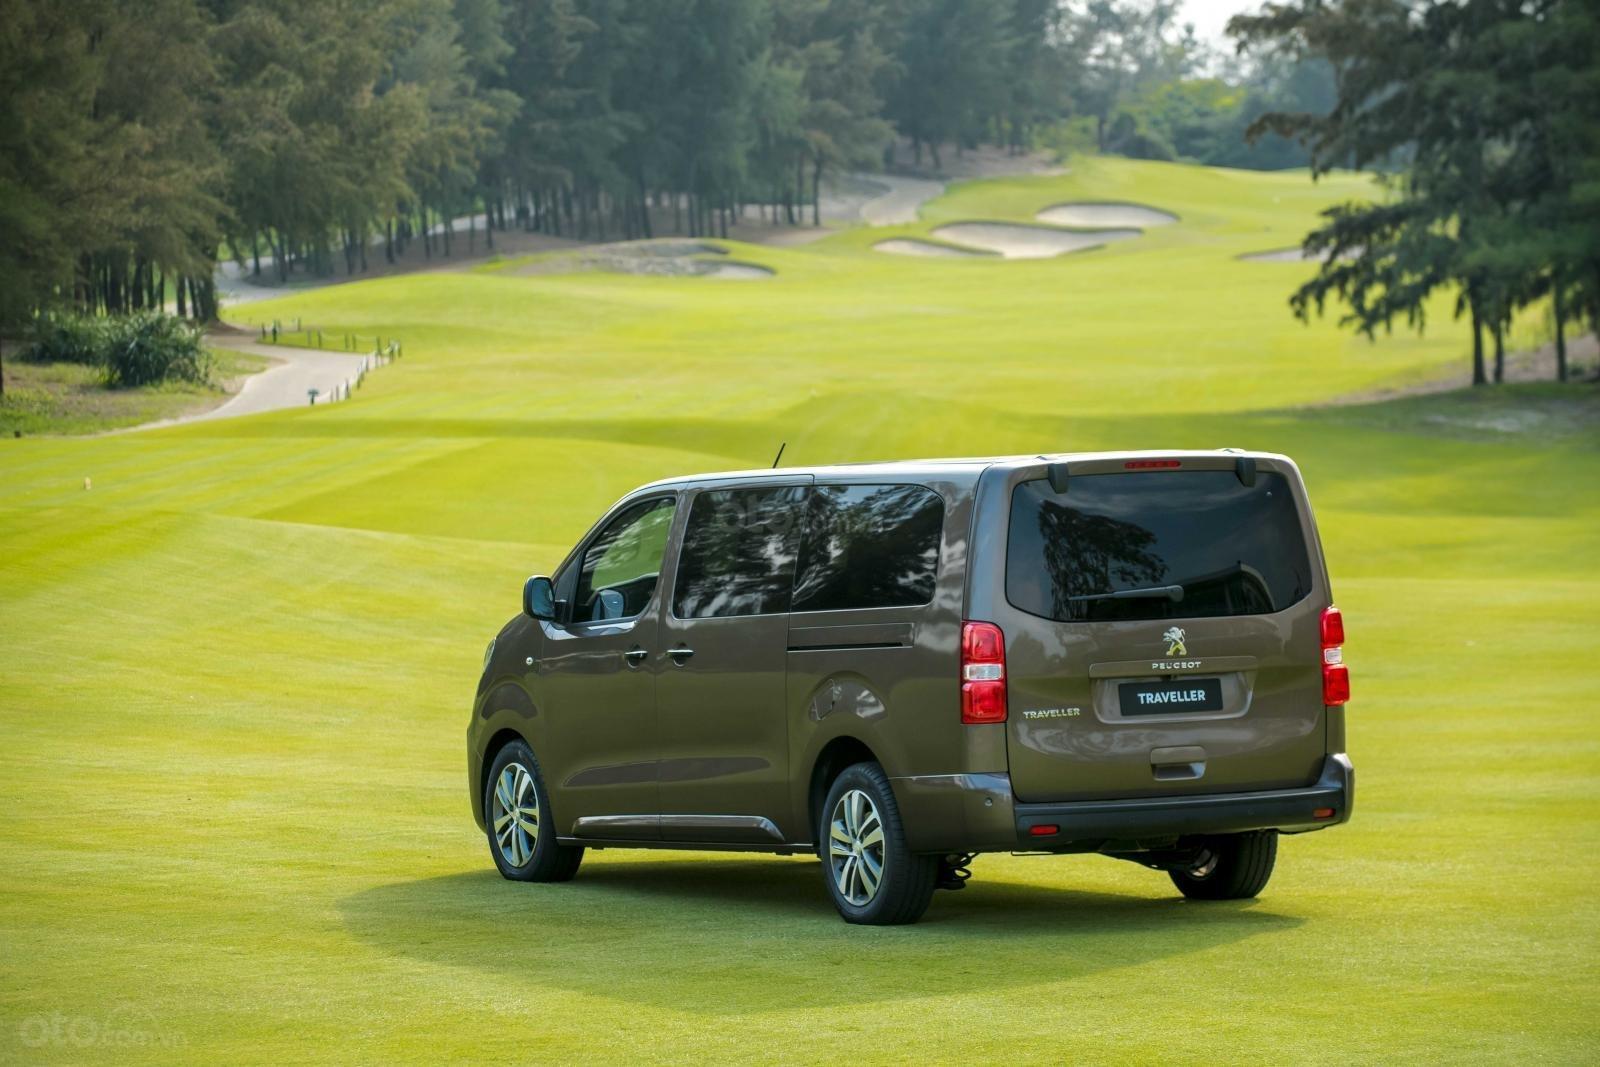 Peugeot Traveller Luxury 2019 - Có xe giao ngay - Nhiều ưu đãi hấp dẫn - Trả trước 20% nhận xe - Hotline: 0909.450.005-6